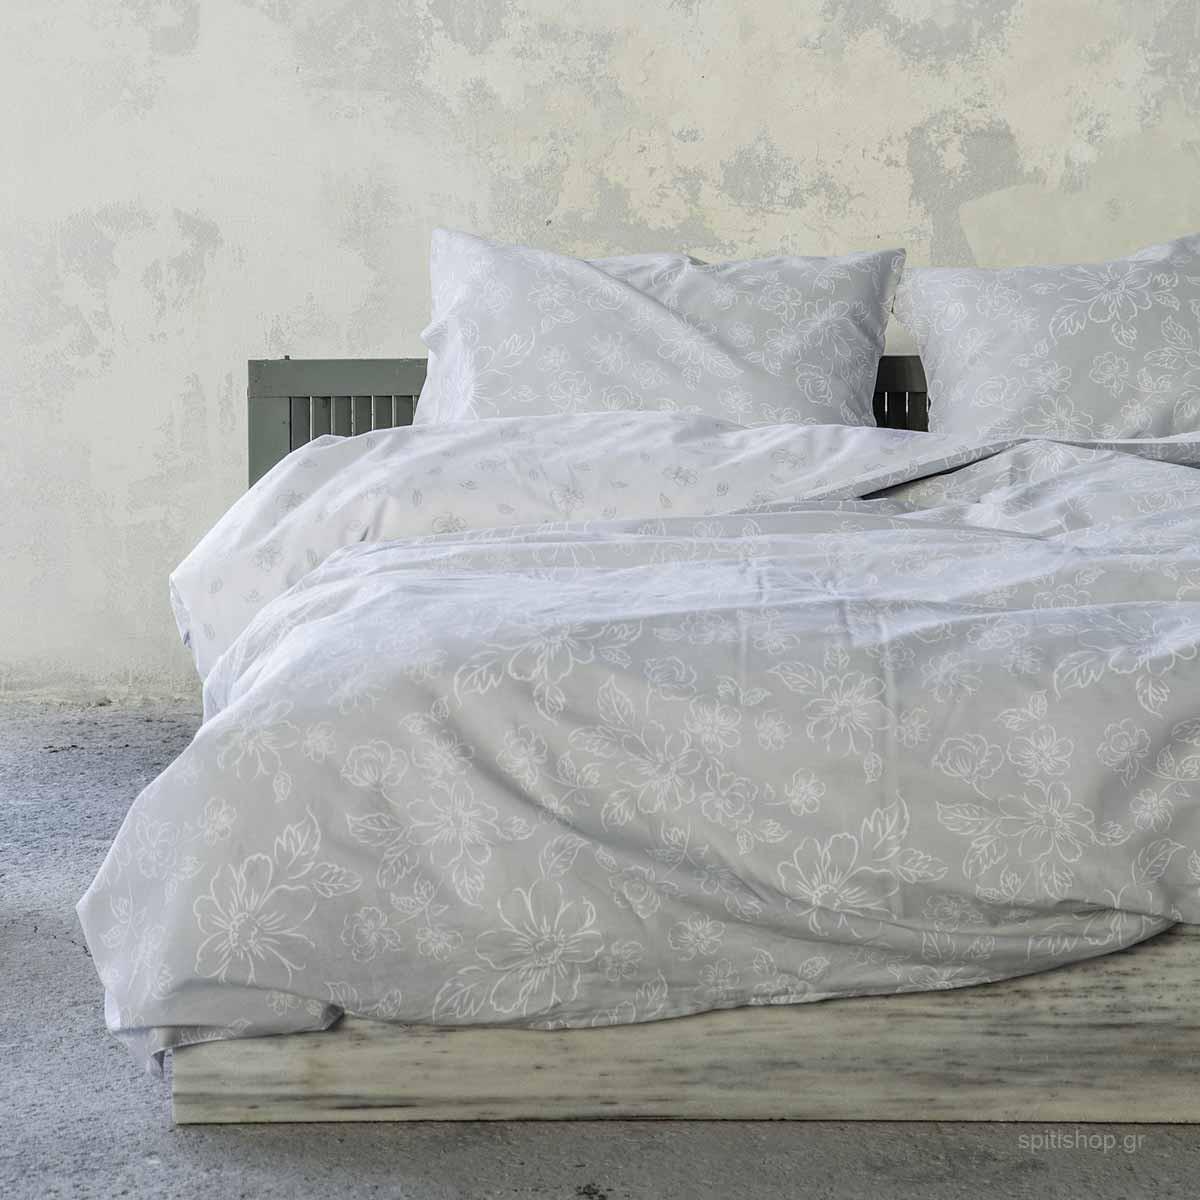 Σεντόνια Υπέρδιπλα (Σετ) Nima Bed Linen Defile Grey ΧΩΡΙΣ ΛΑΣΤΙΧΟ ΧΩΡΙΣ ΛΑΣΤΙΧΟ